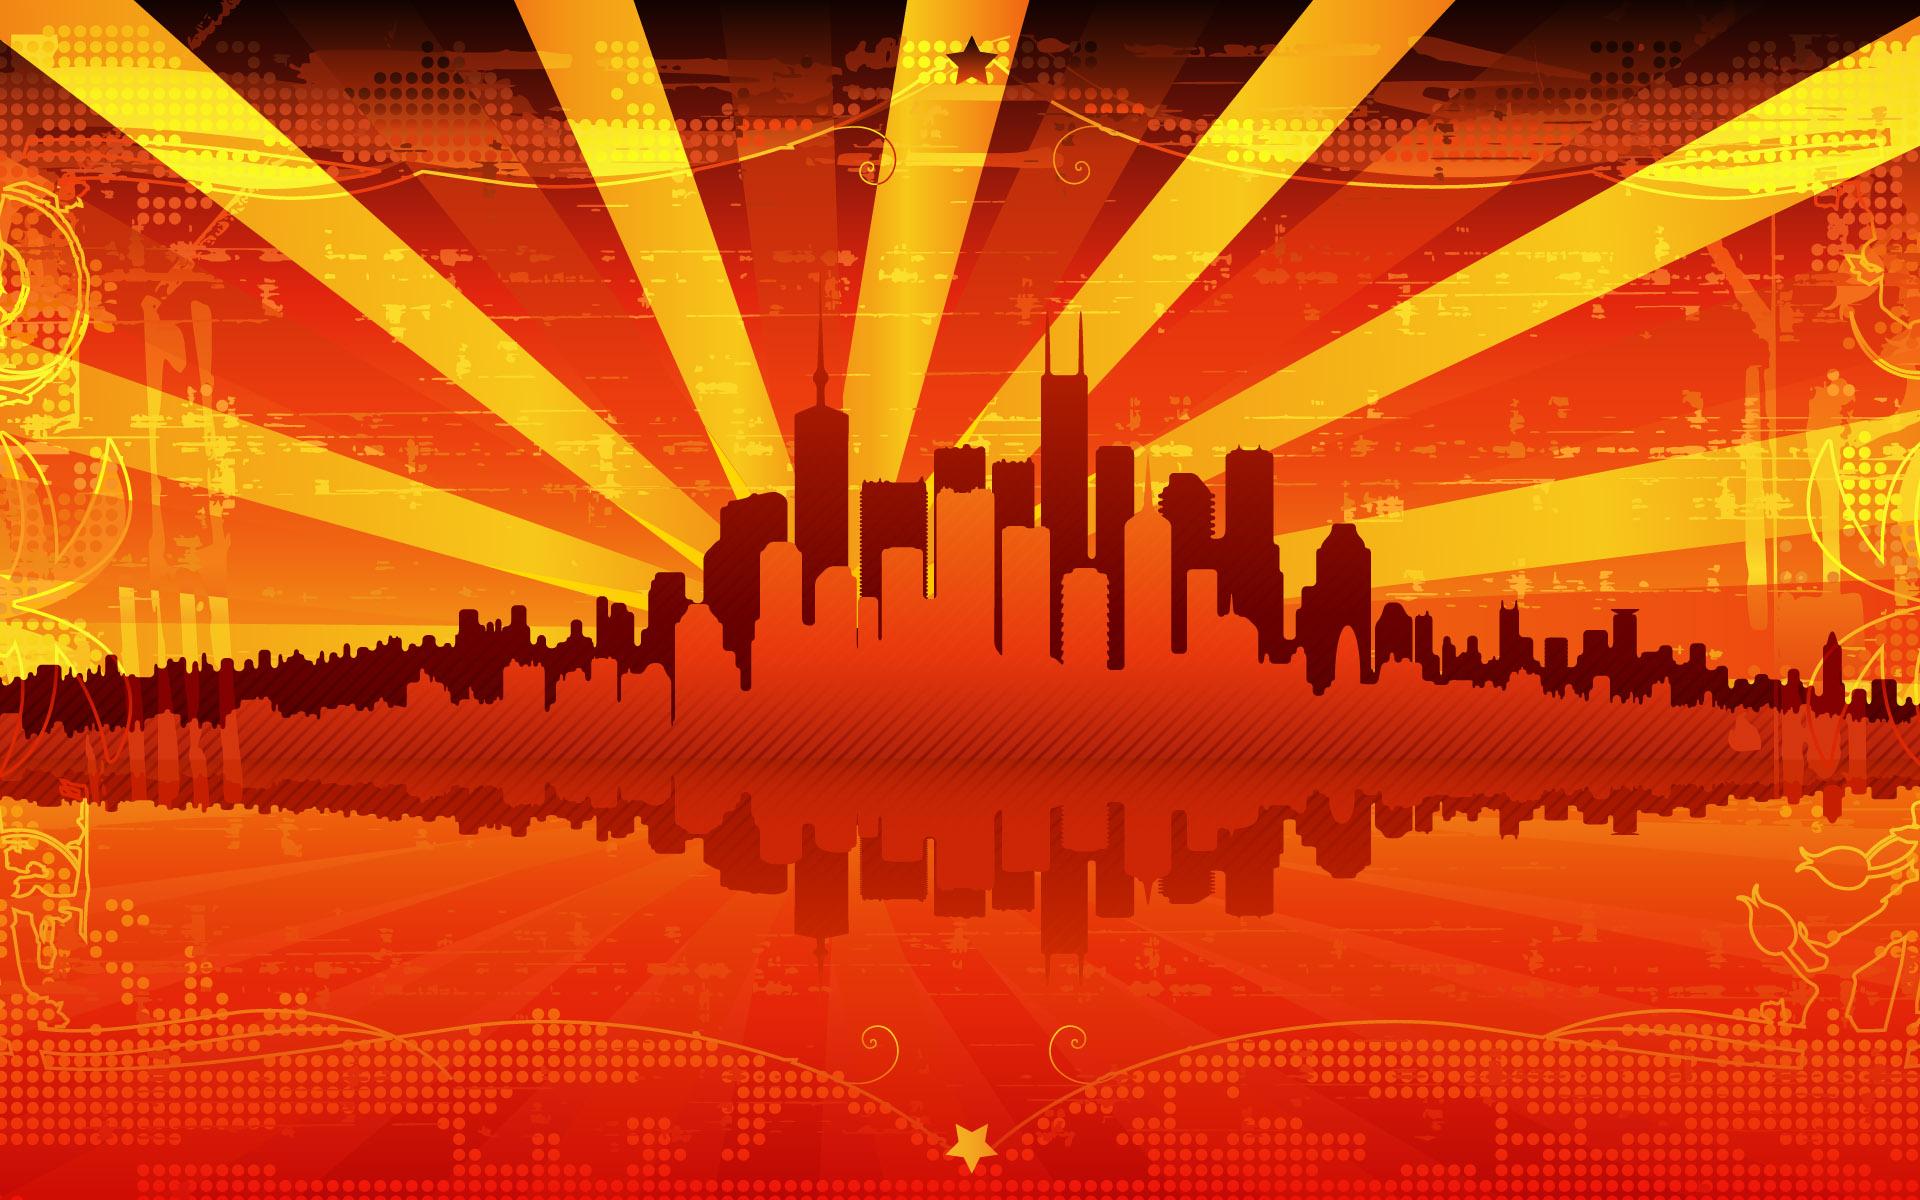 весь картинки оранжевого города практике ситуация относительно